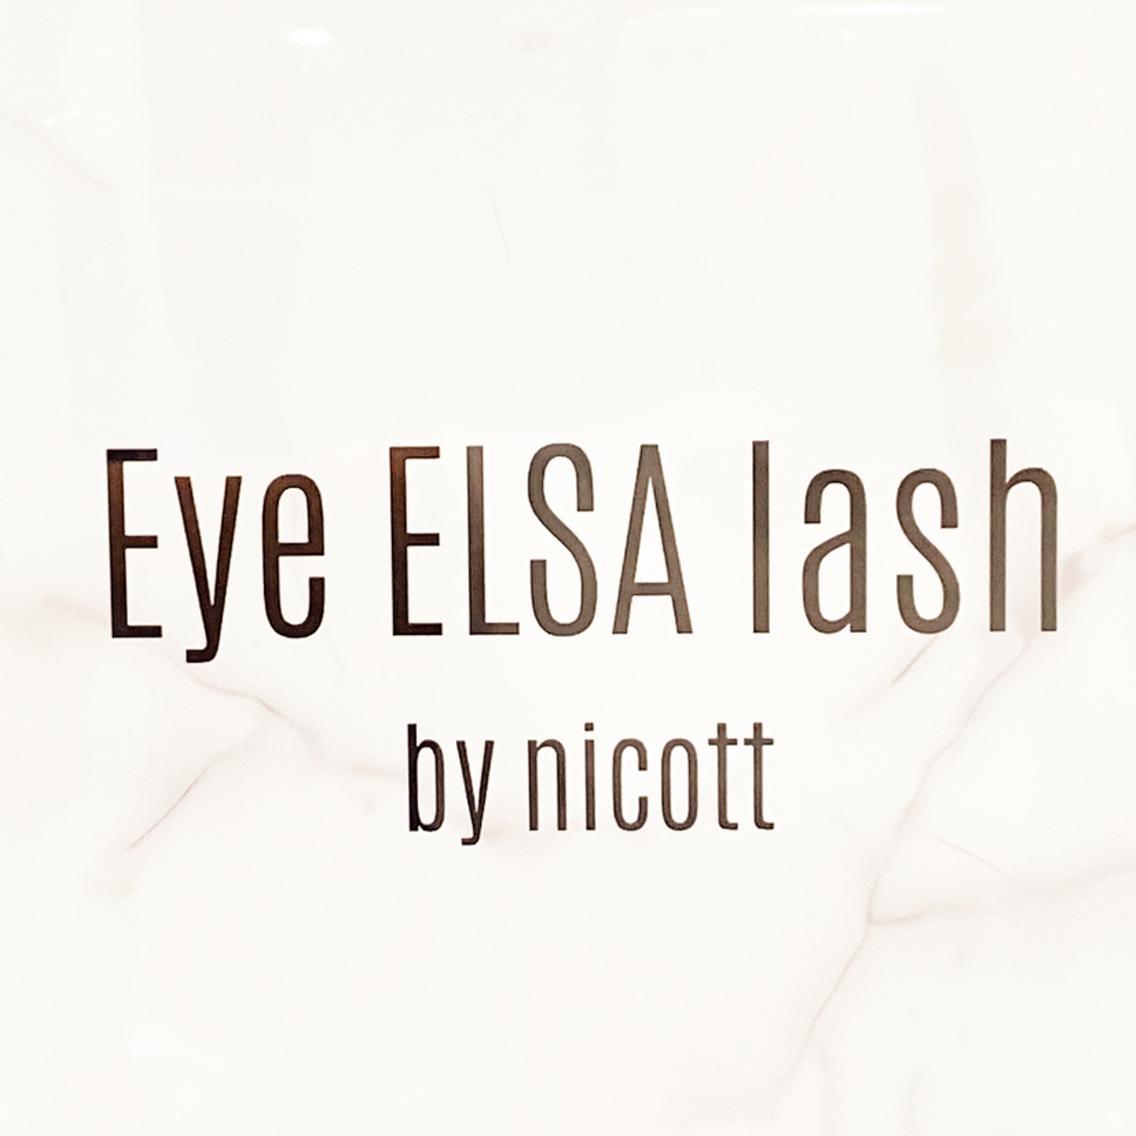 Eye ELSA lash所属・Eye ELSA lash  宇津の掲載